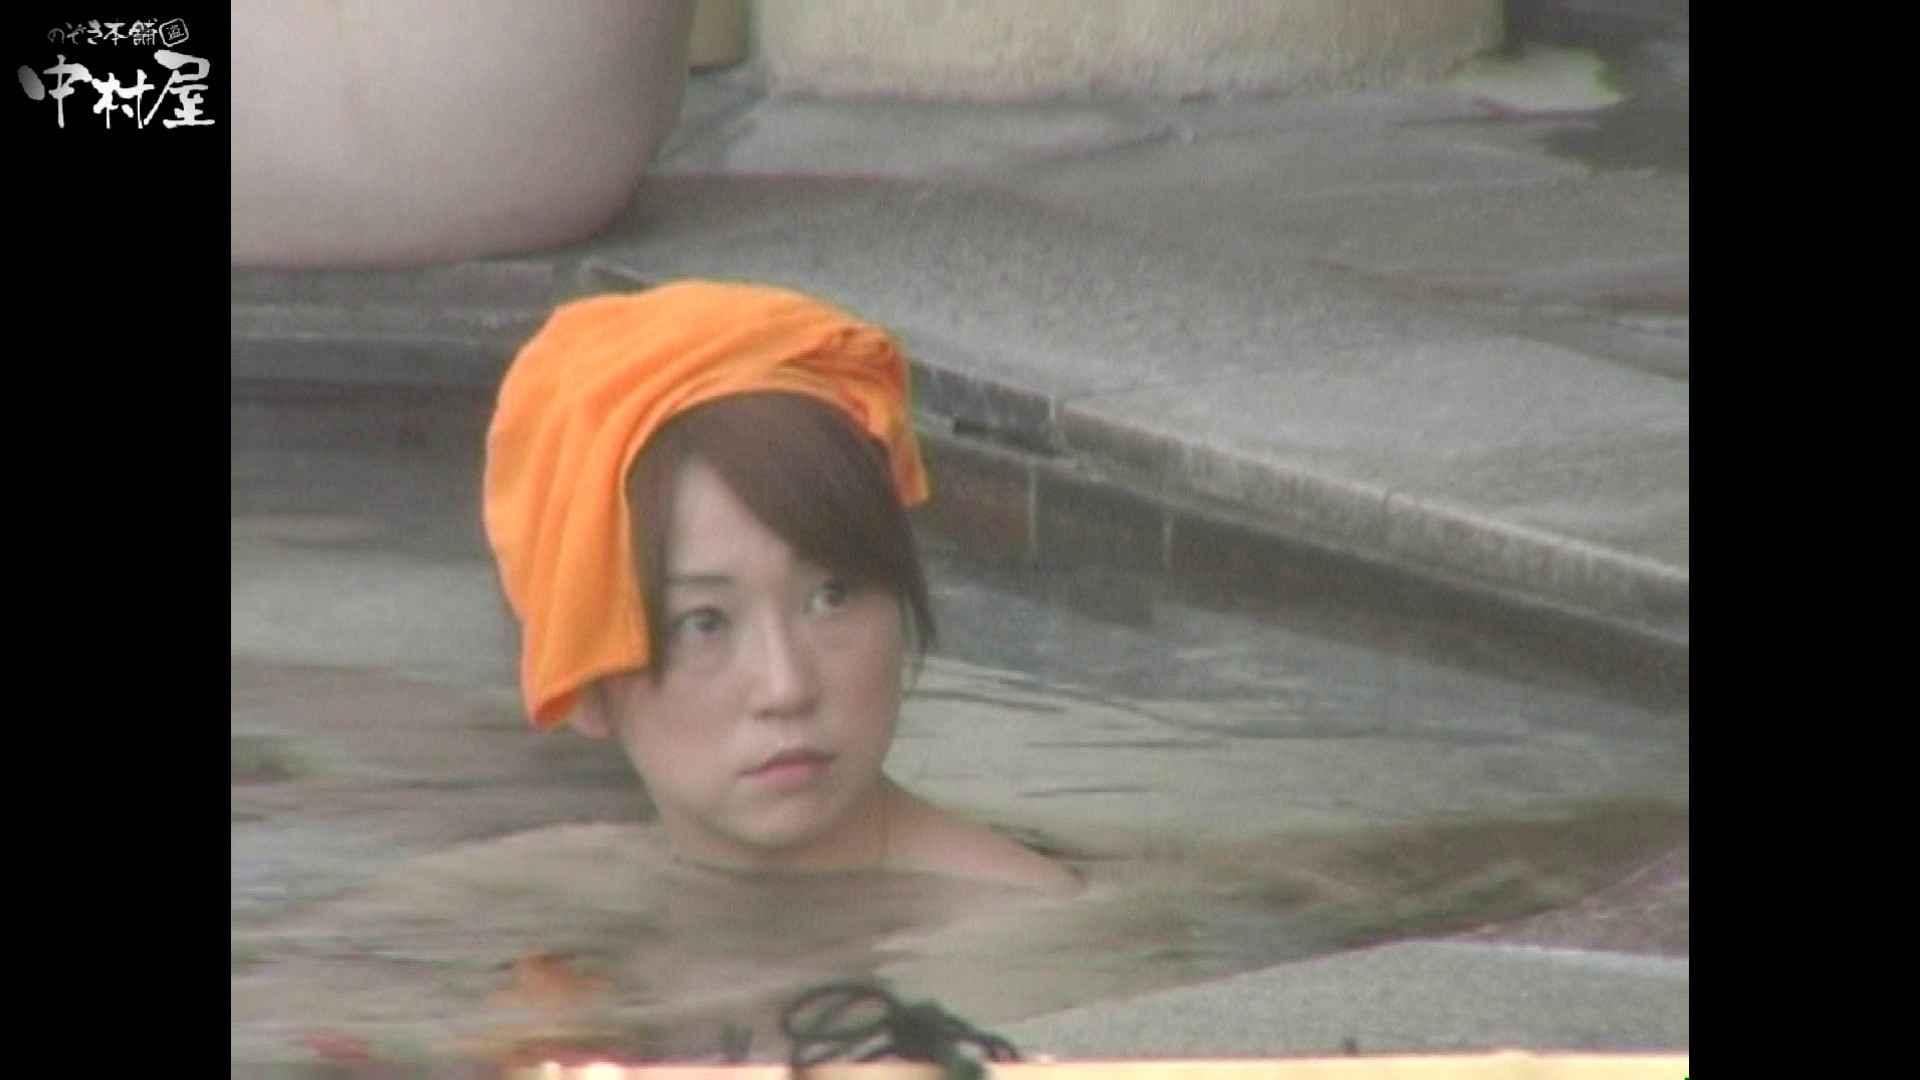 Aquaな露天風呂Vol.941 OLのエロ生活 アダルト動画キャプチャ 107連発 26